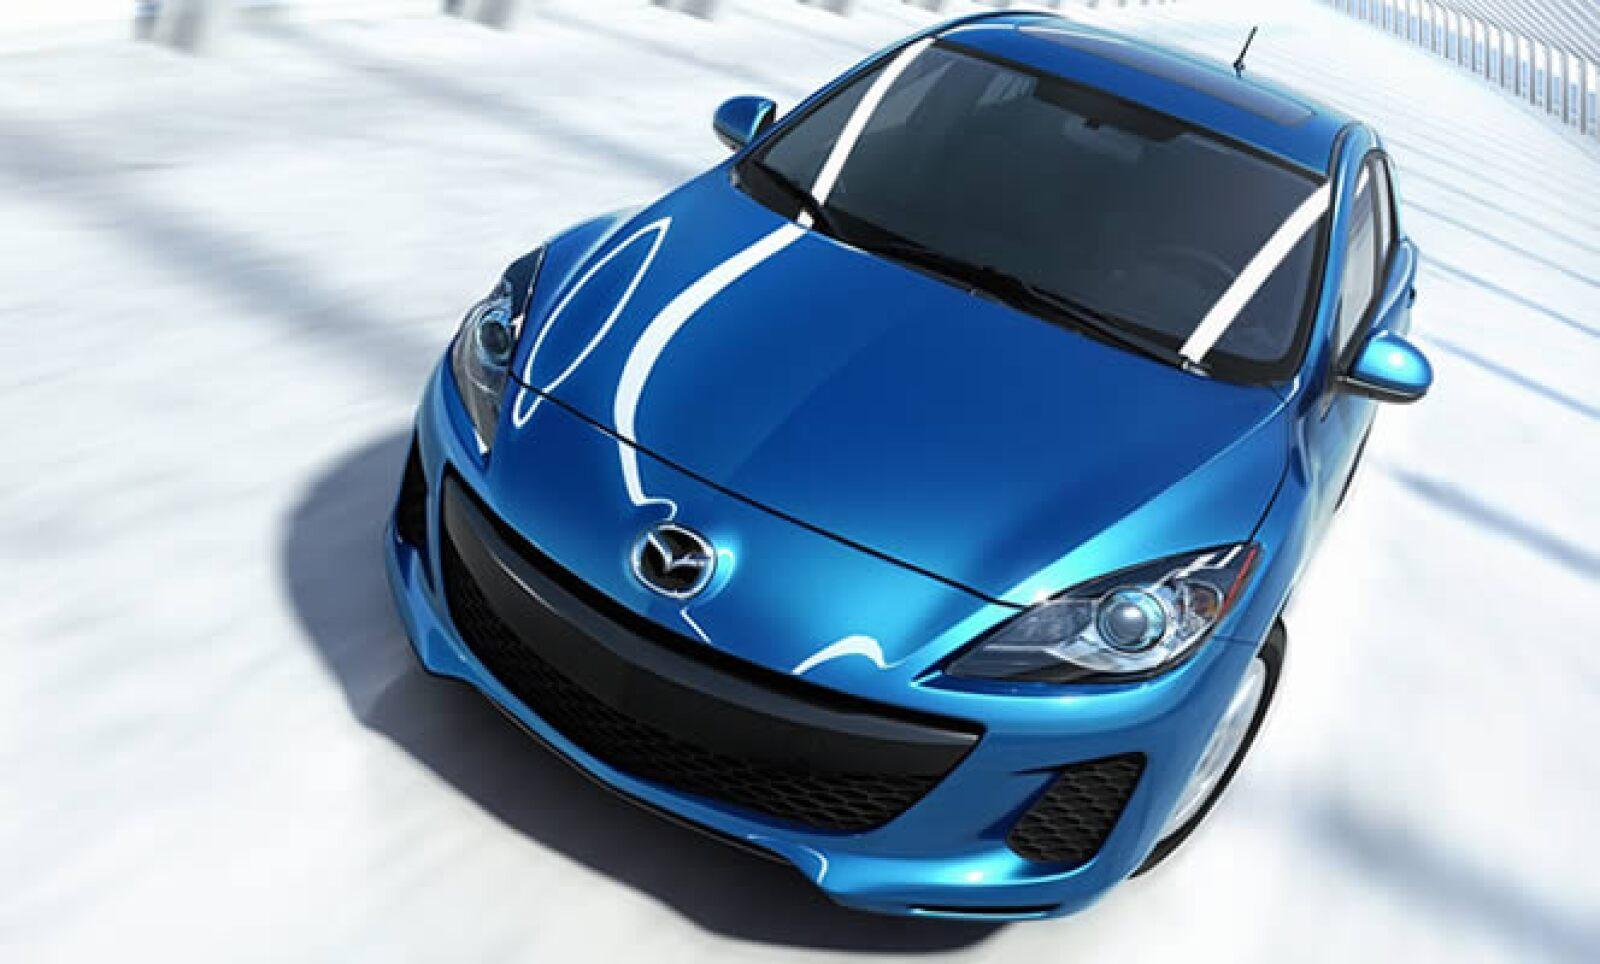 El modelo 2012 del Mazda 3 hatchback debutó en el AutoShow de Nueva York, con un revitalizado diseño interior y exterior.